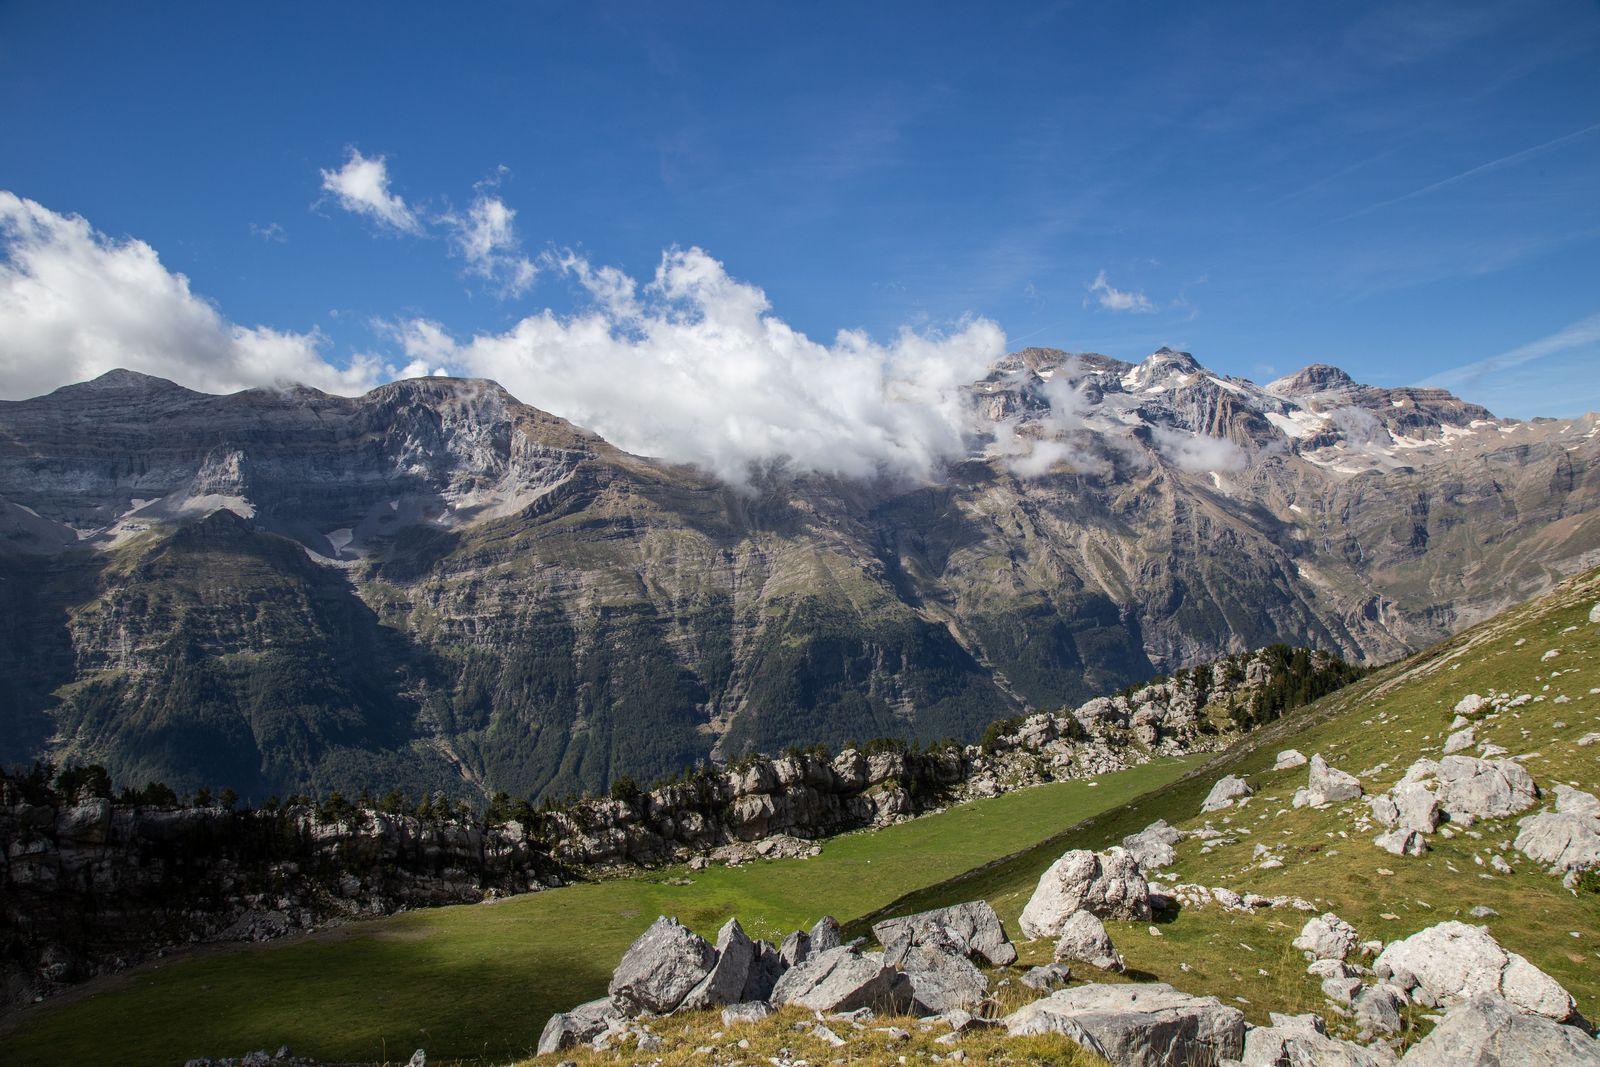 Y por fin, las vistas a la Sierra de Espierba